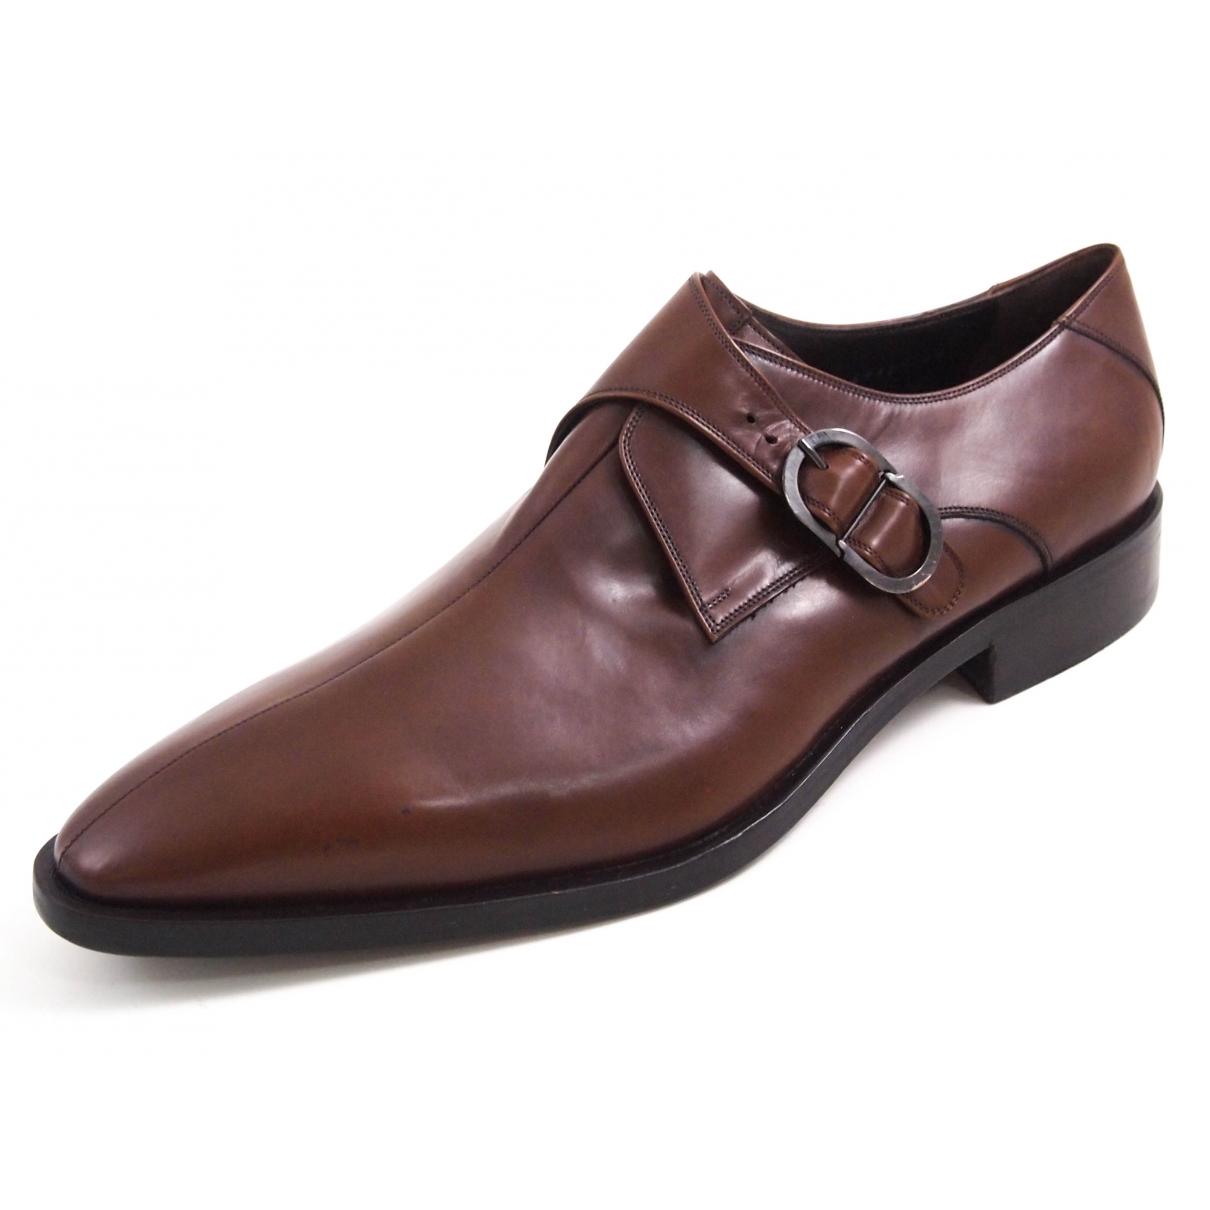 Baldinini - Derbies   pour homme en cuir - marron